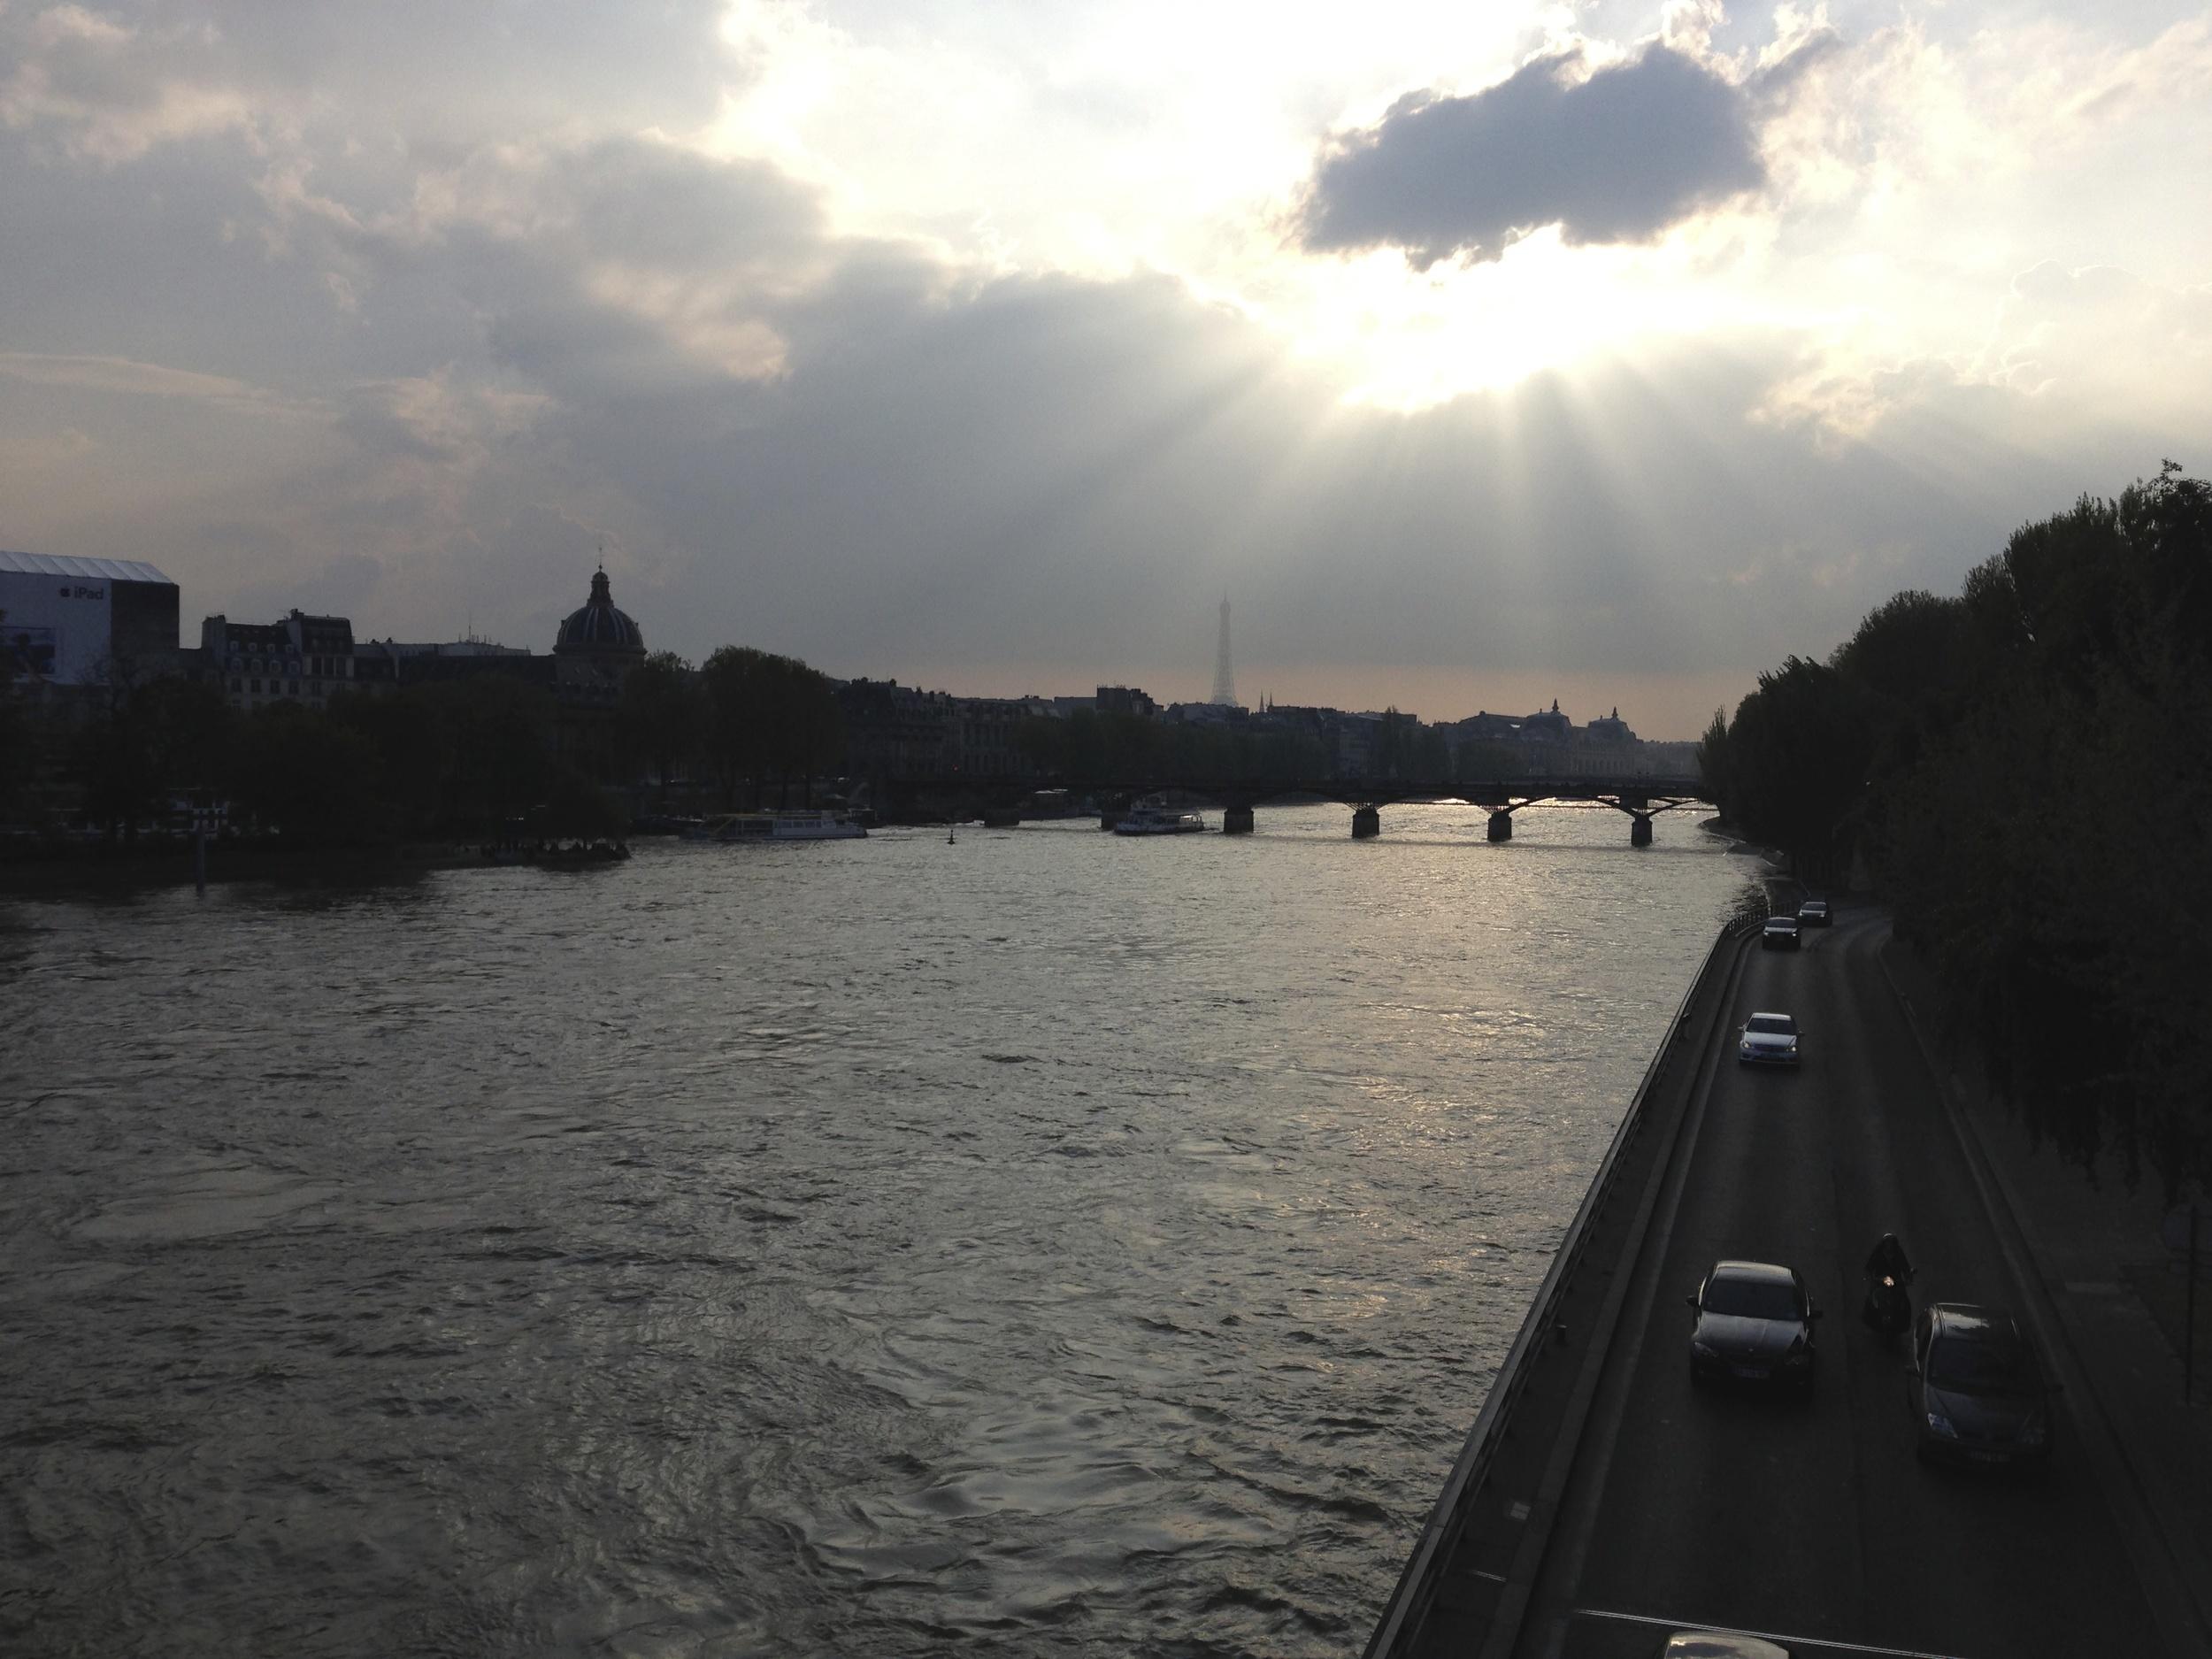 The Seine at dusk